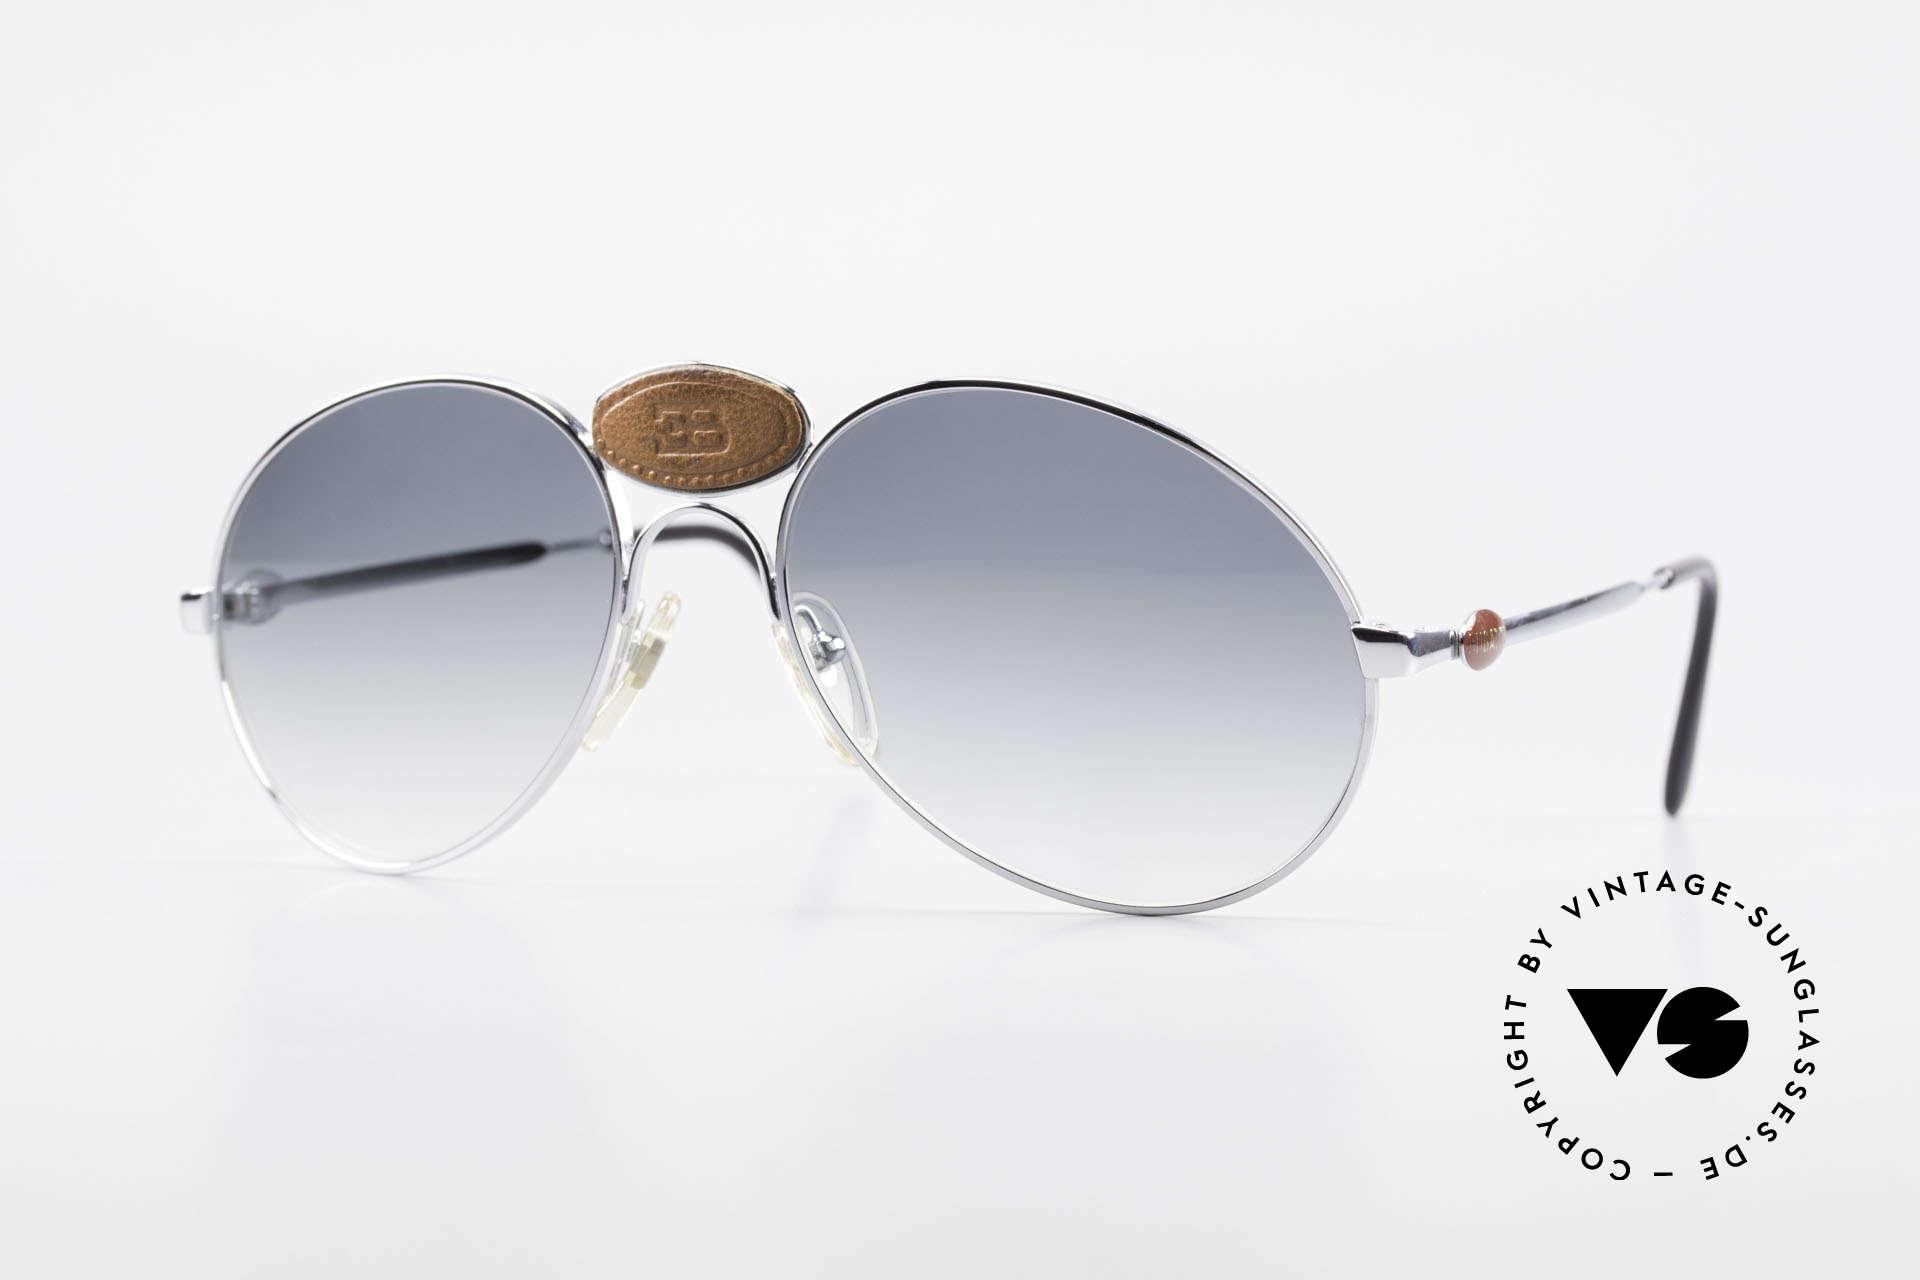 Bugatti 64745 Rare Collector's Sunglasses, 64745: extremely rare vintage sunglasses by Bugatti, Made for Men